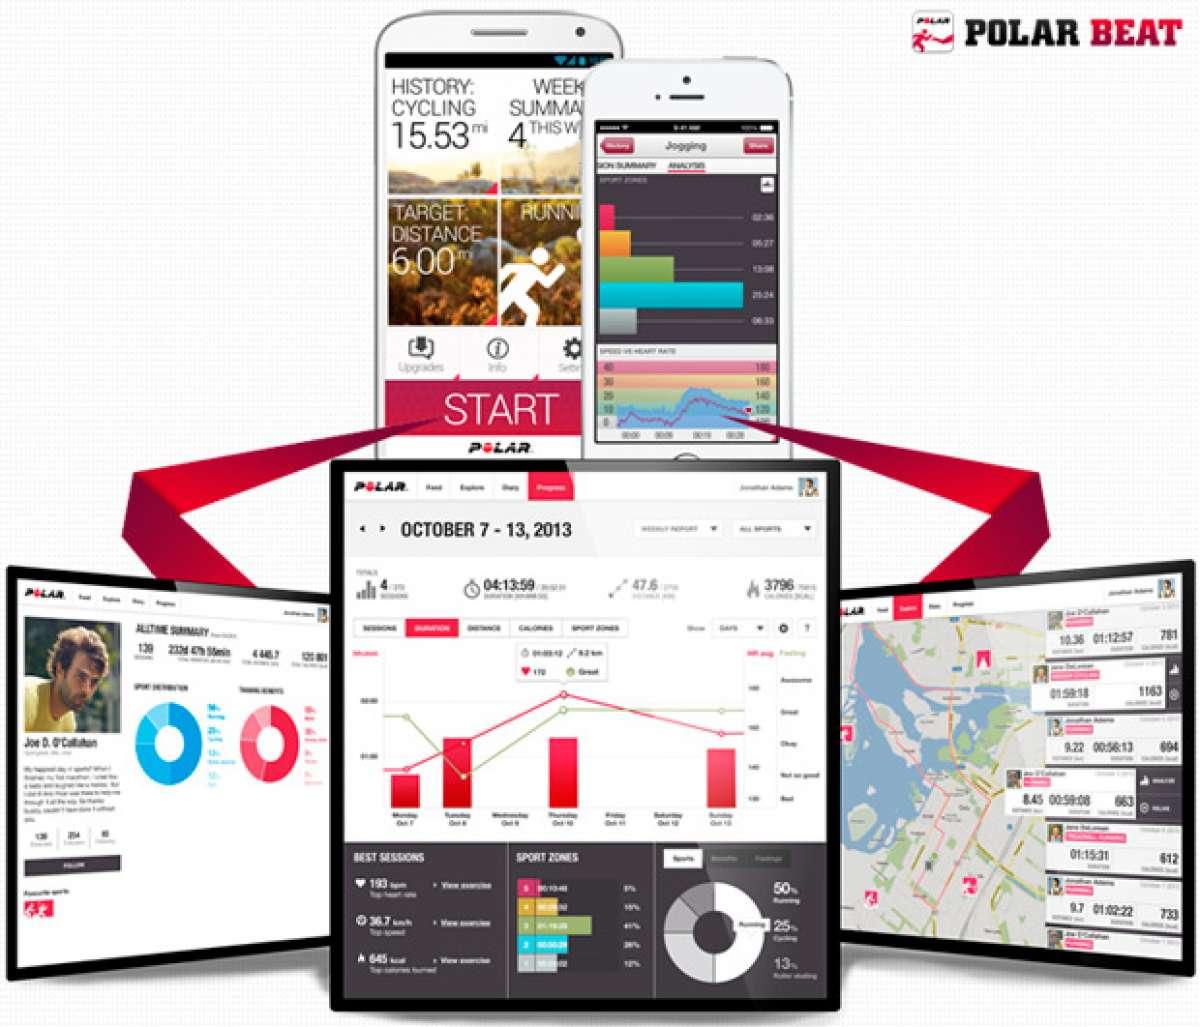 Nueva versión para la aplicación móvil Polar Beat